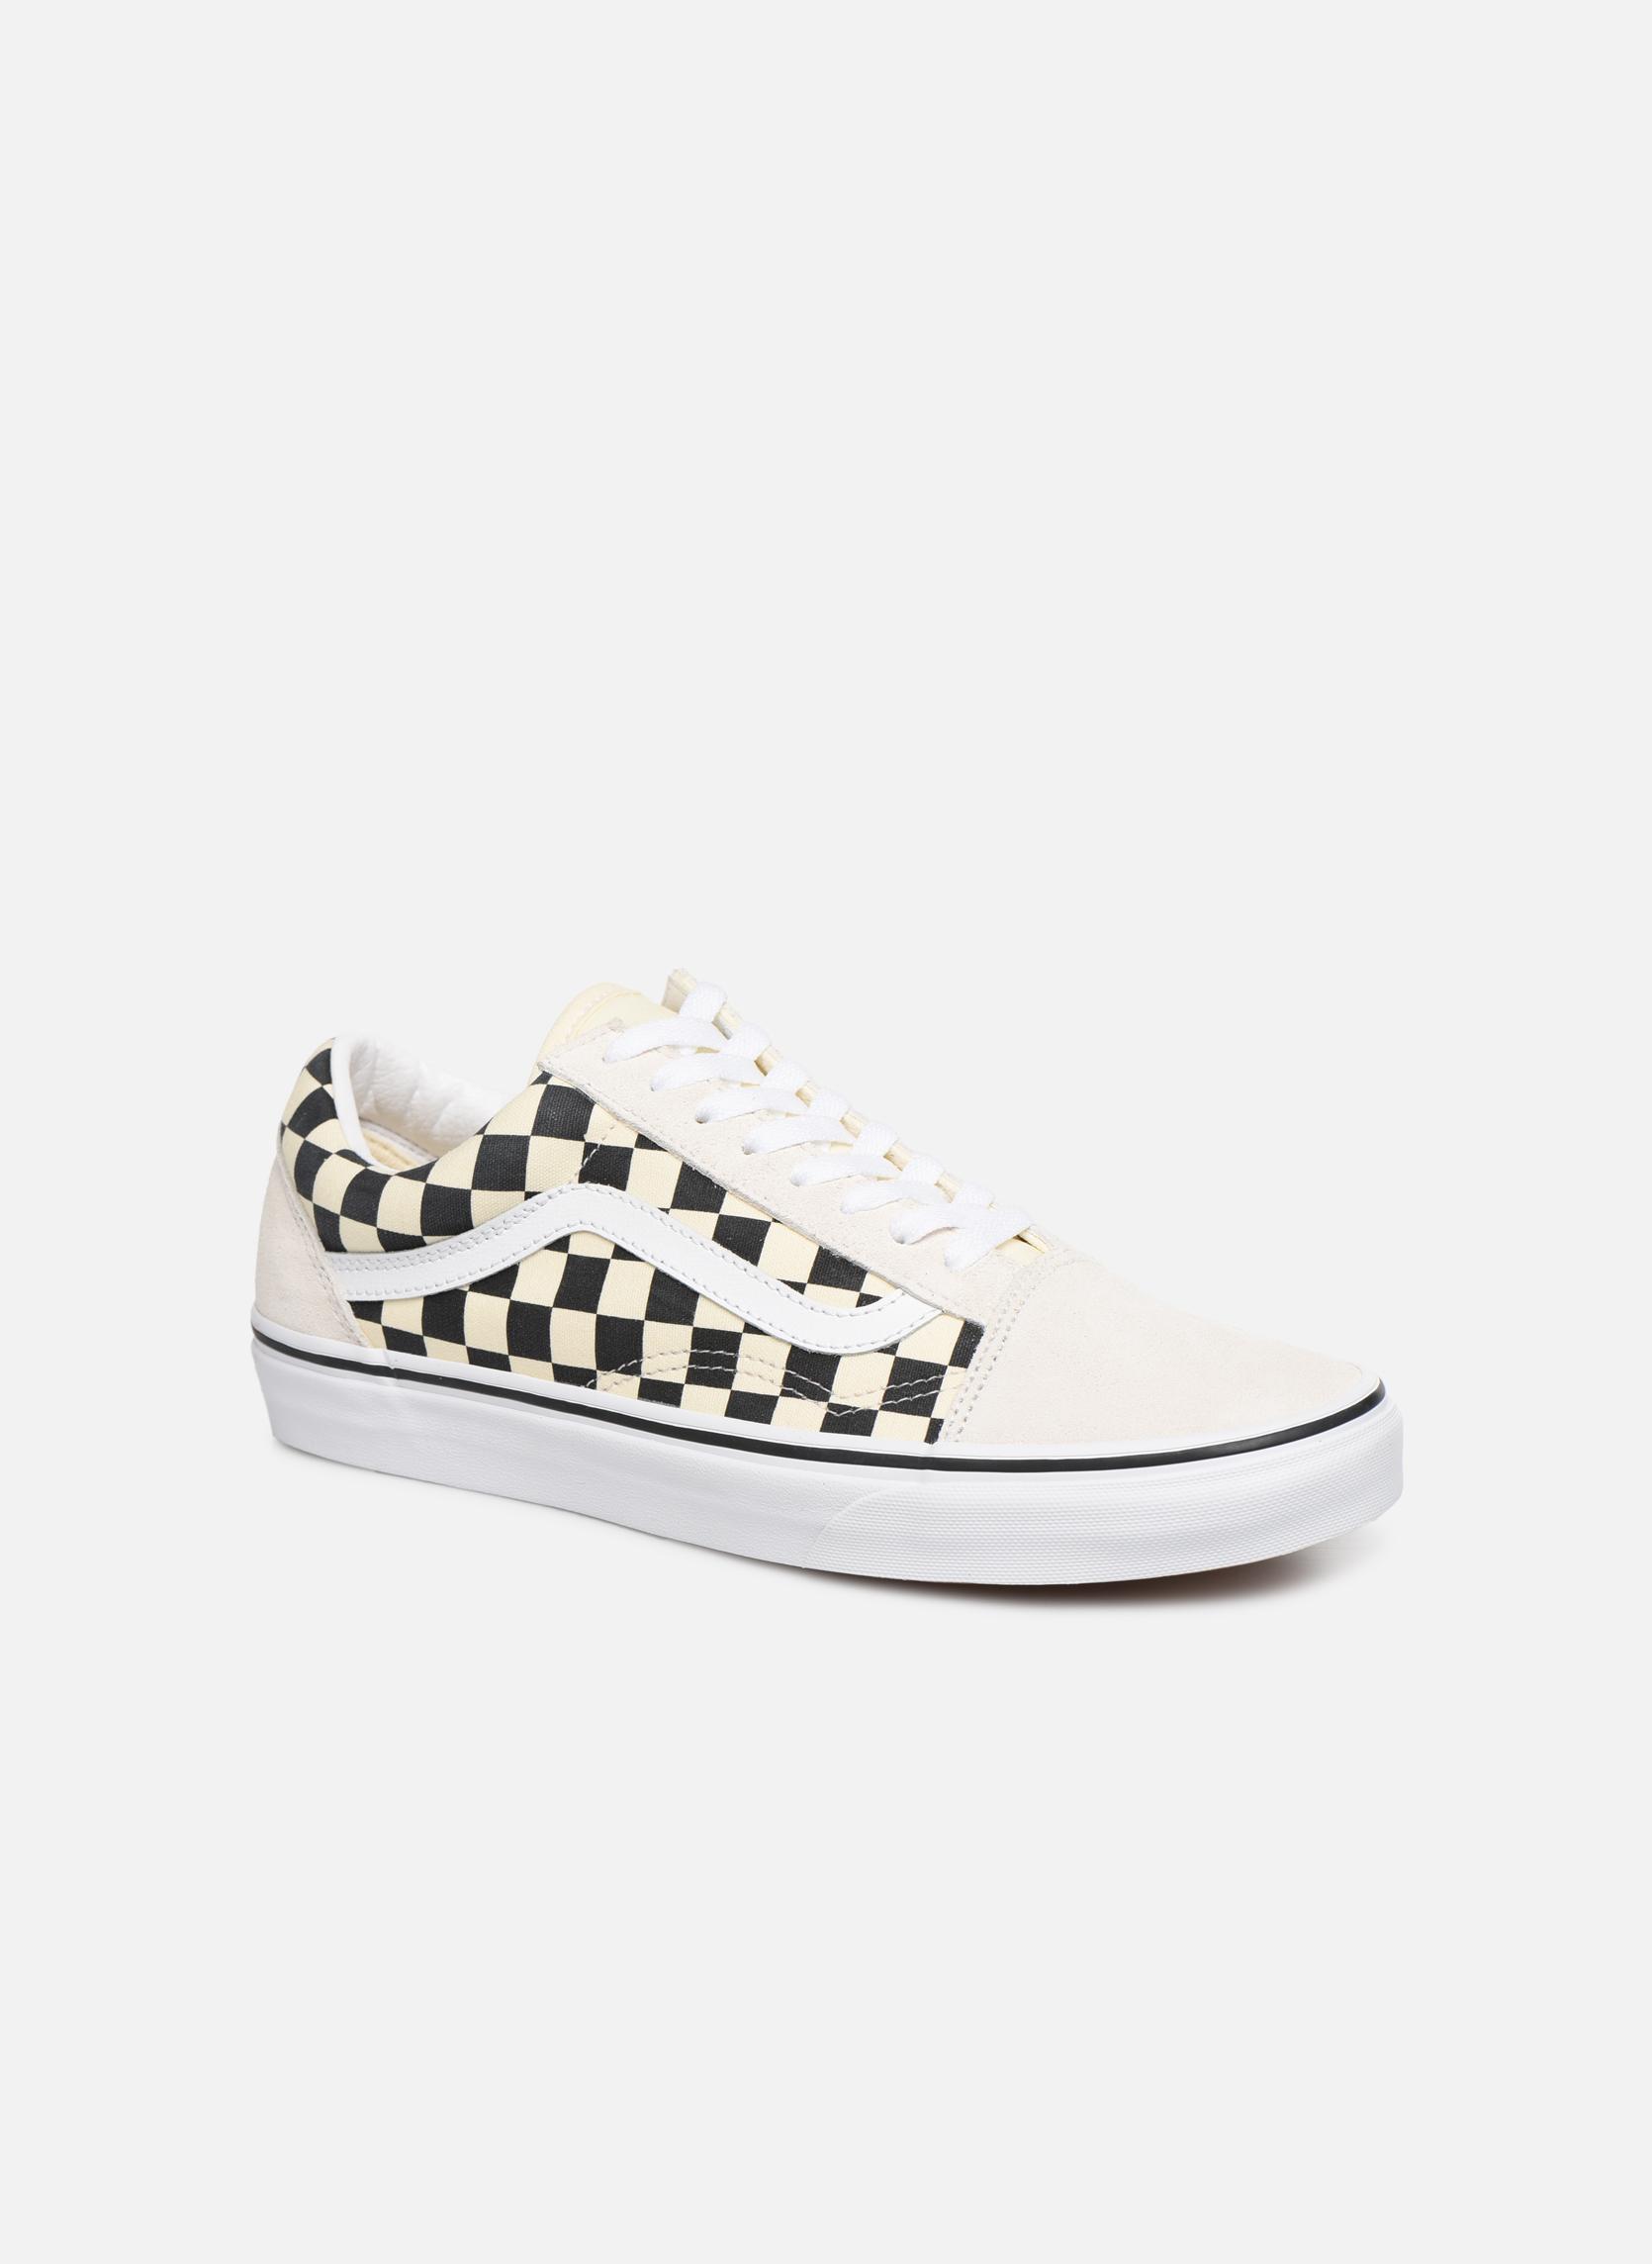 (Checkerboard) white/black